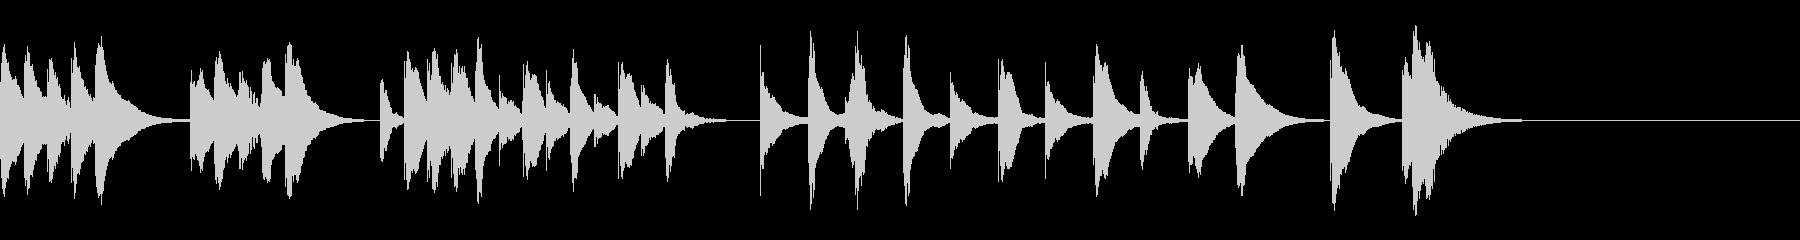 「トルコ行進曲」の木琴のかわいい曲!の未再生の波形